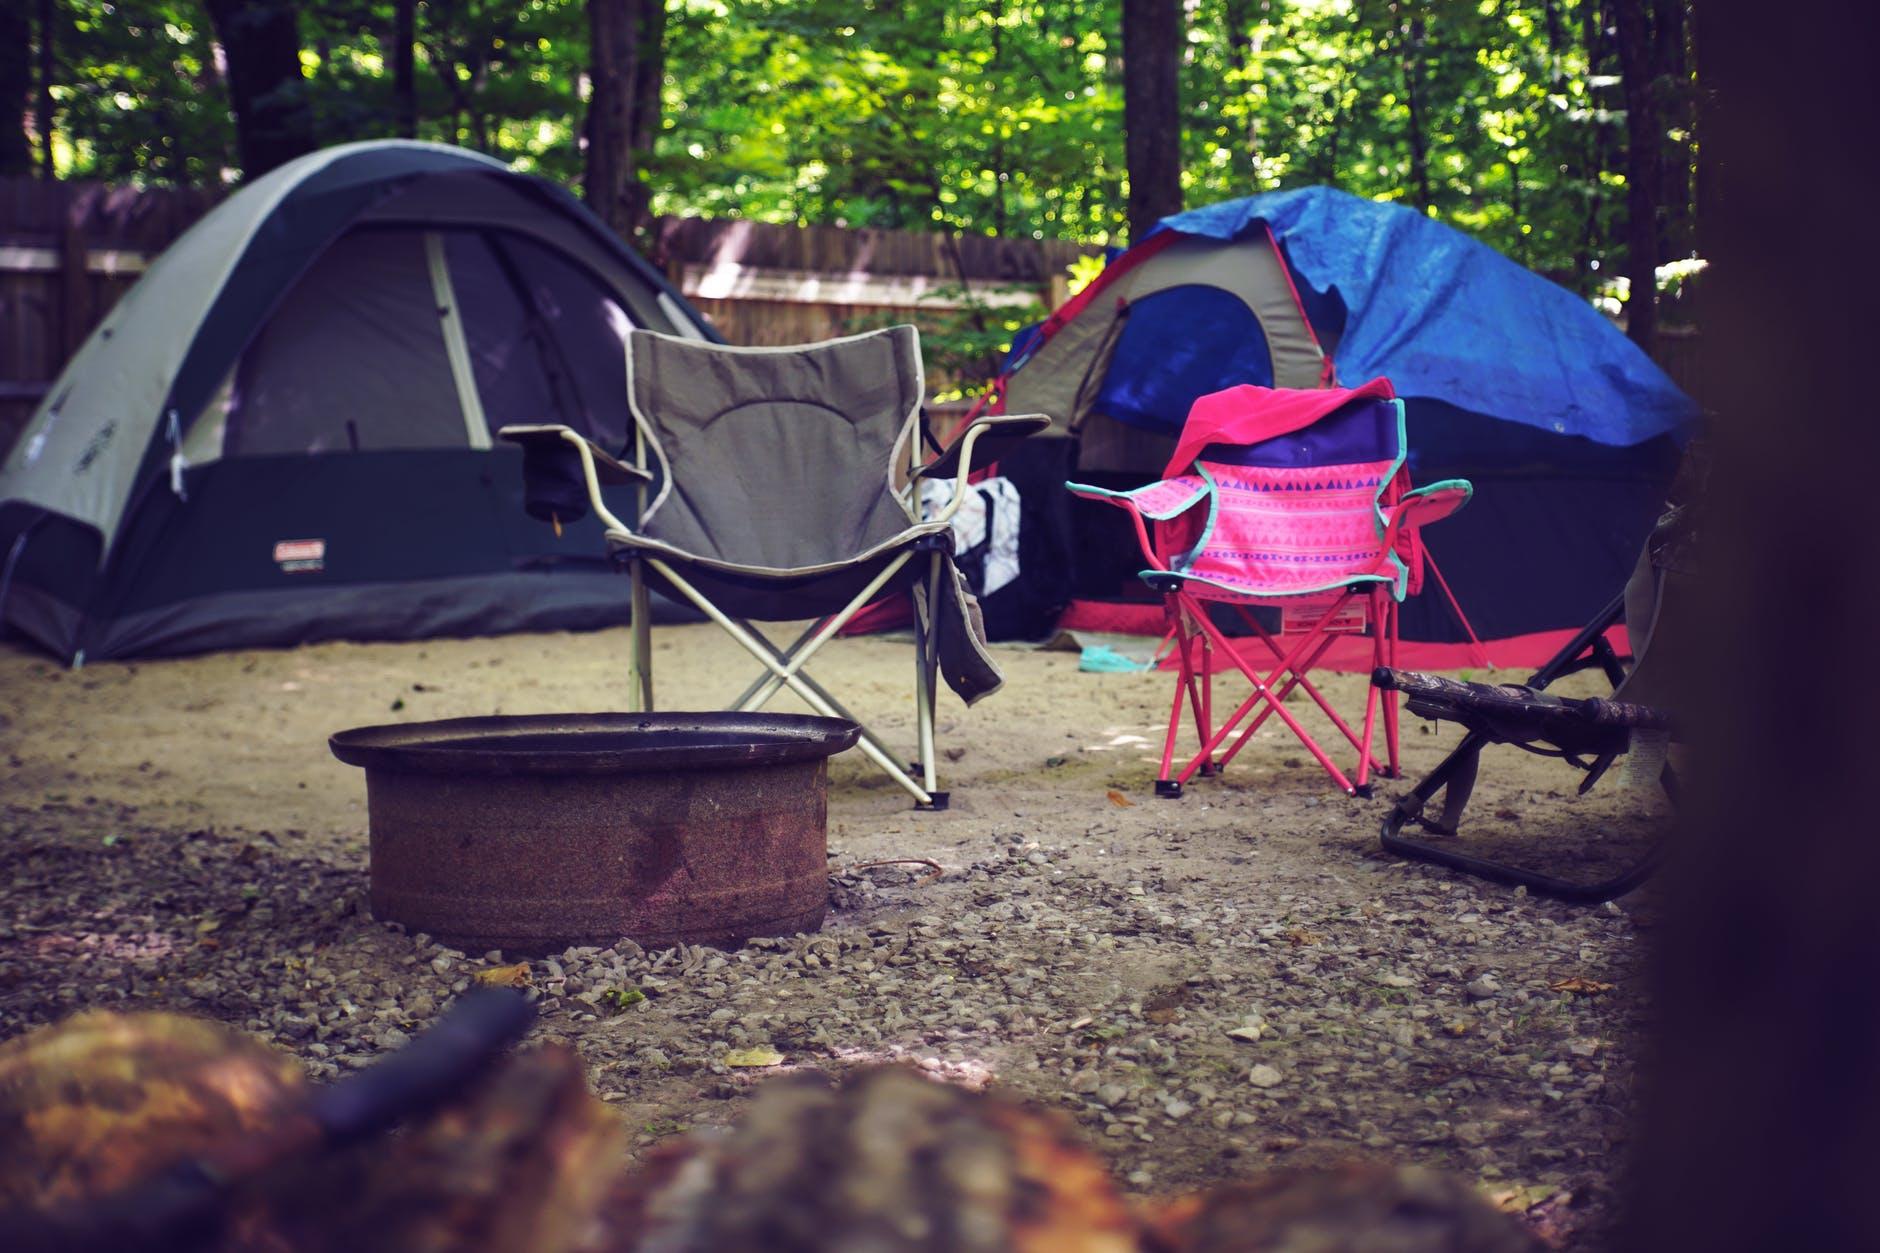 253-10-artículos-esenciales-para-acampar-que-son-fáciles-de-transportar